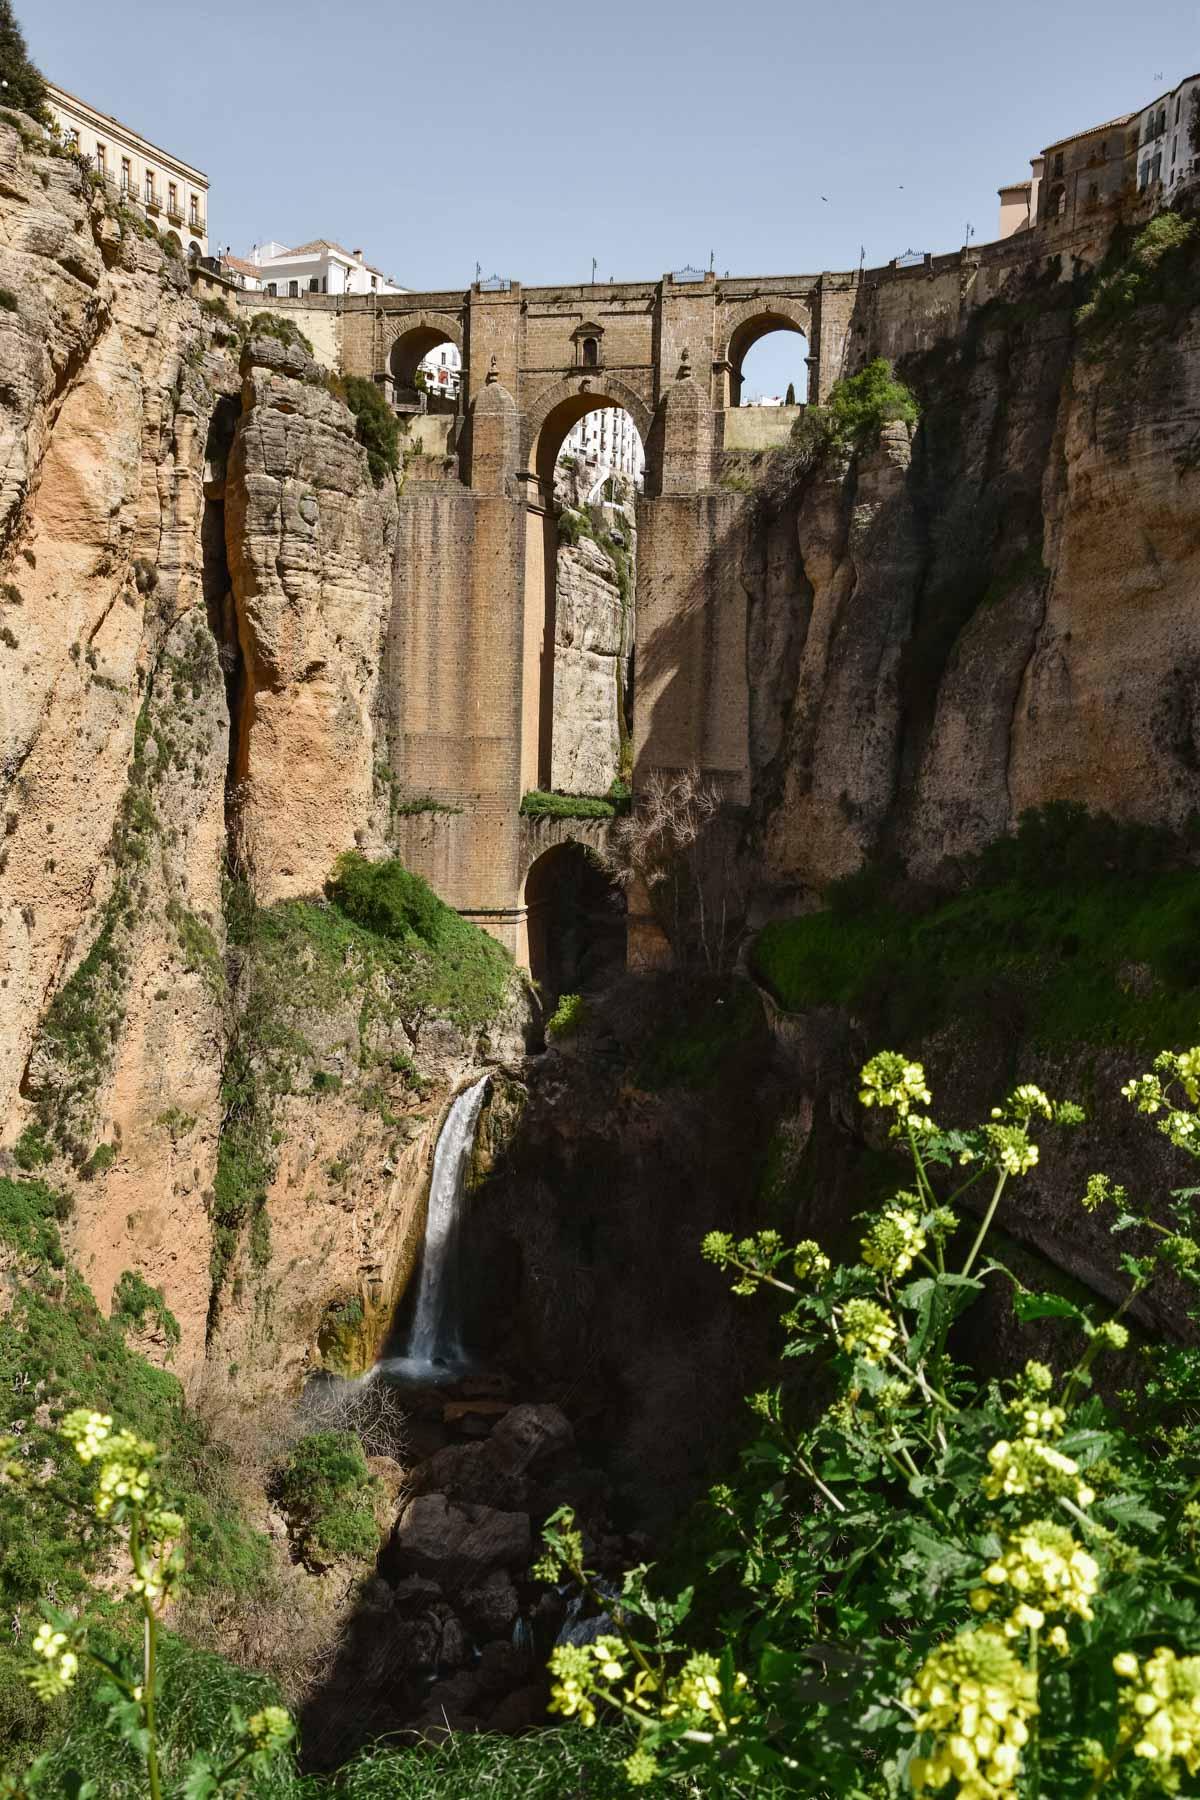 Vue sur le pont de Ronda, Andalousie